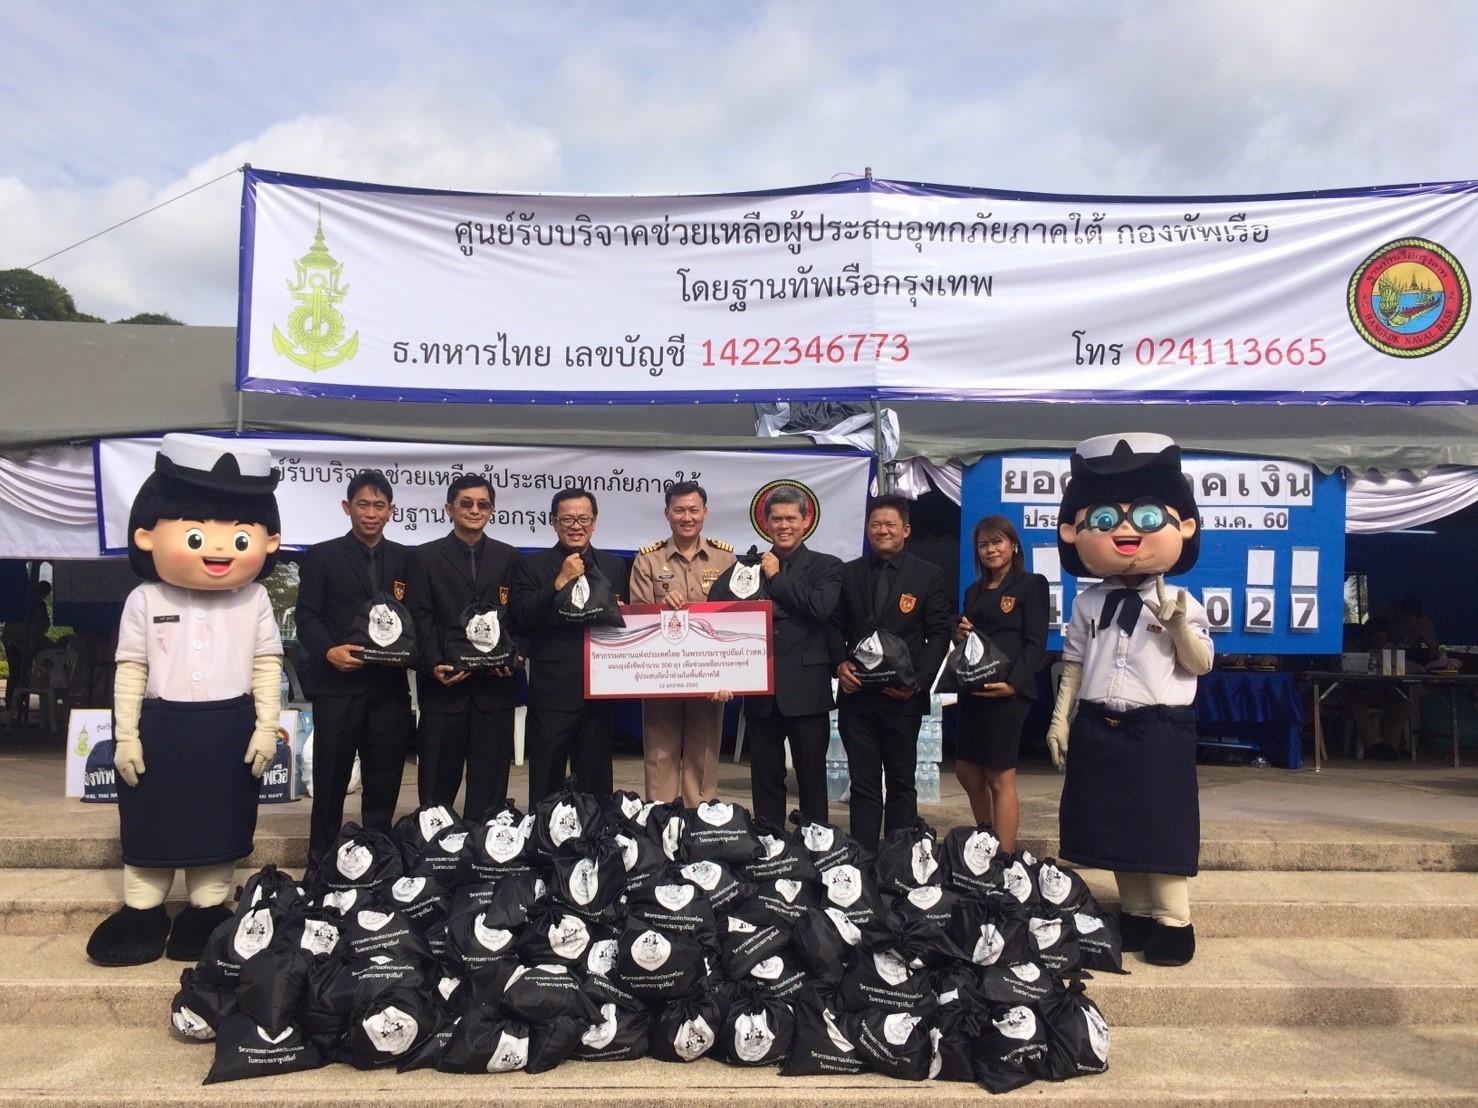 วิศวกรรมสถานแห่งประเทศไทย ในพระบรมราชูปถัมภ์ การช่วยเหลือผู้ประสบภัยน้ำท่วมภาคใต้